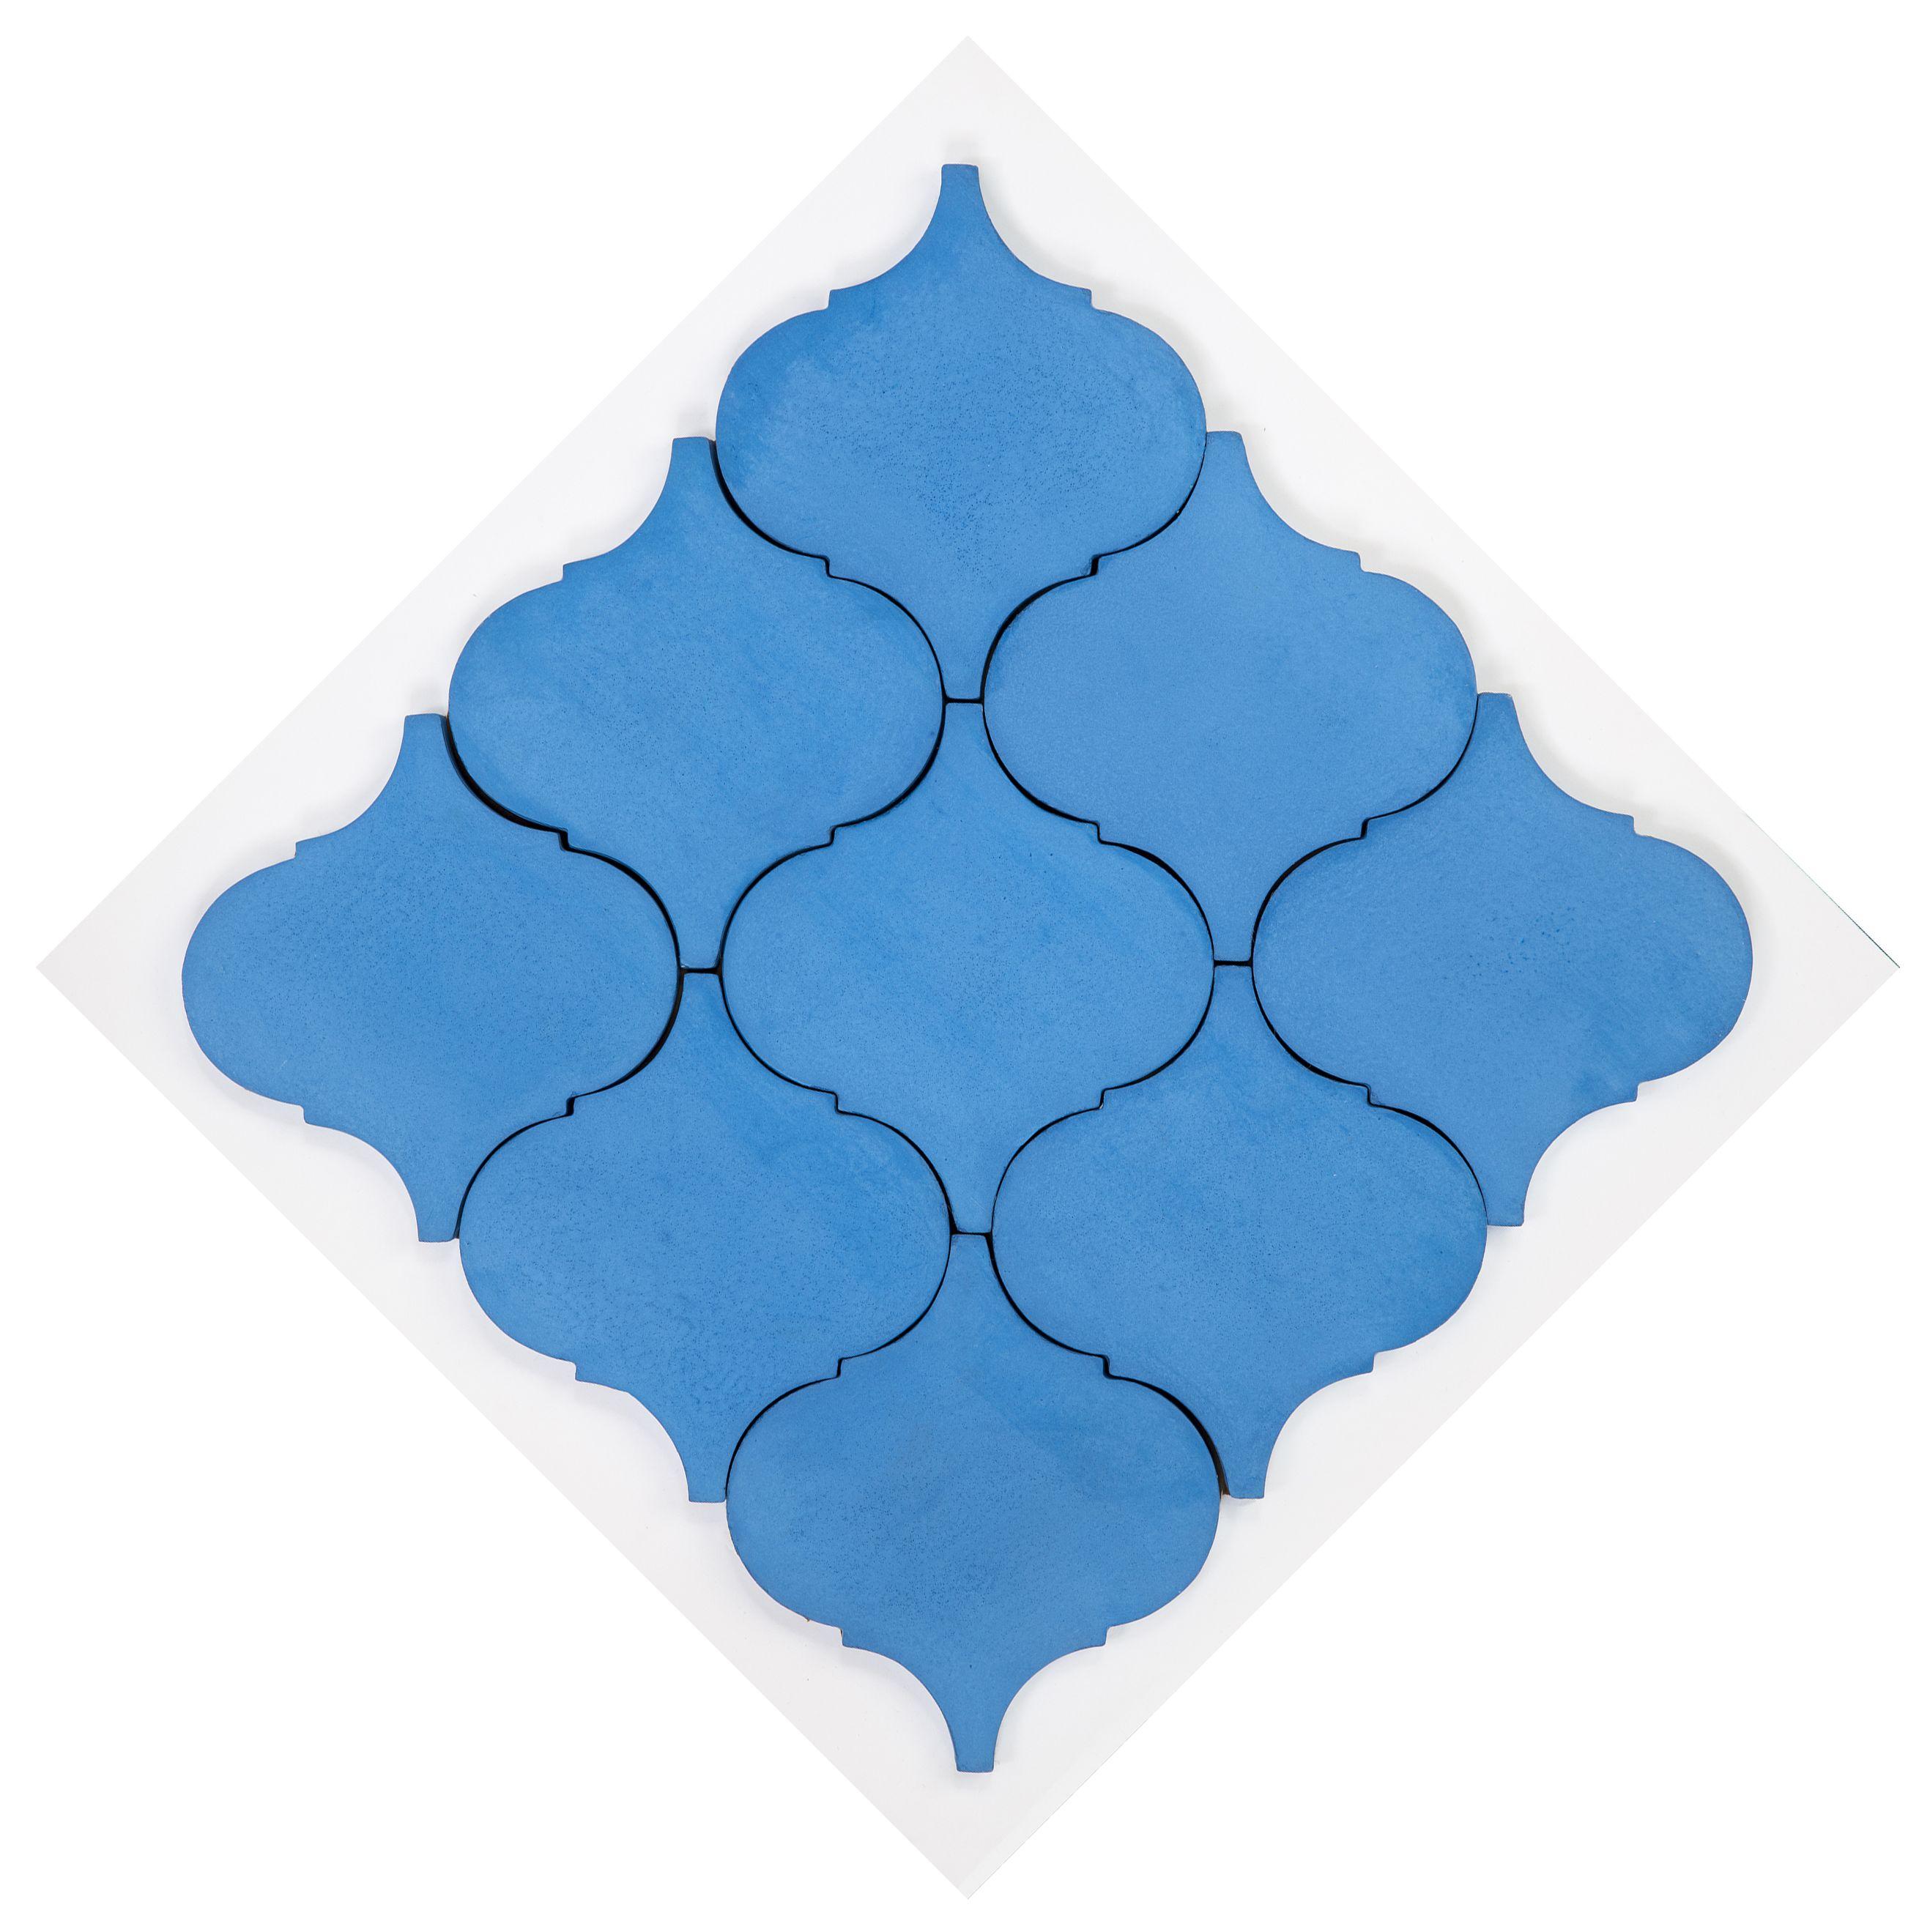 Moorish lantern tiles - Arabesque tiles